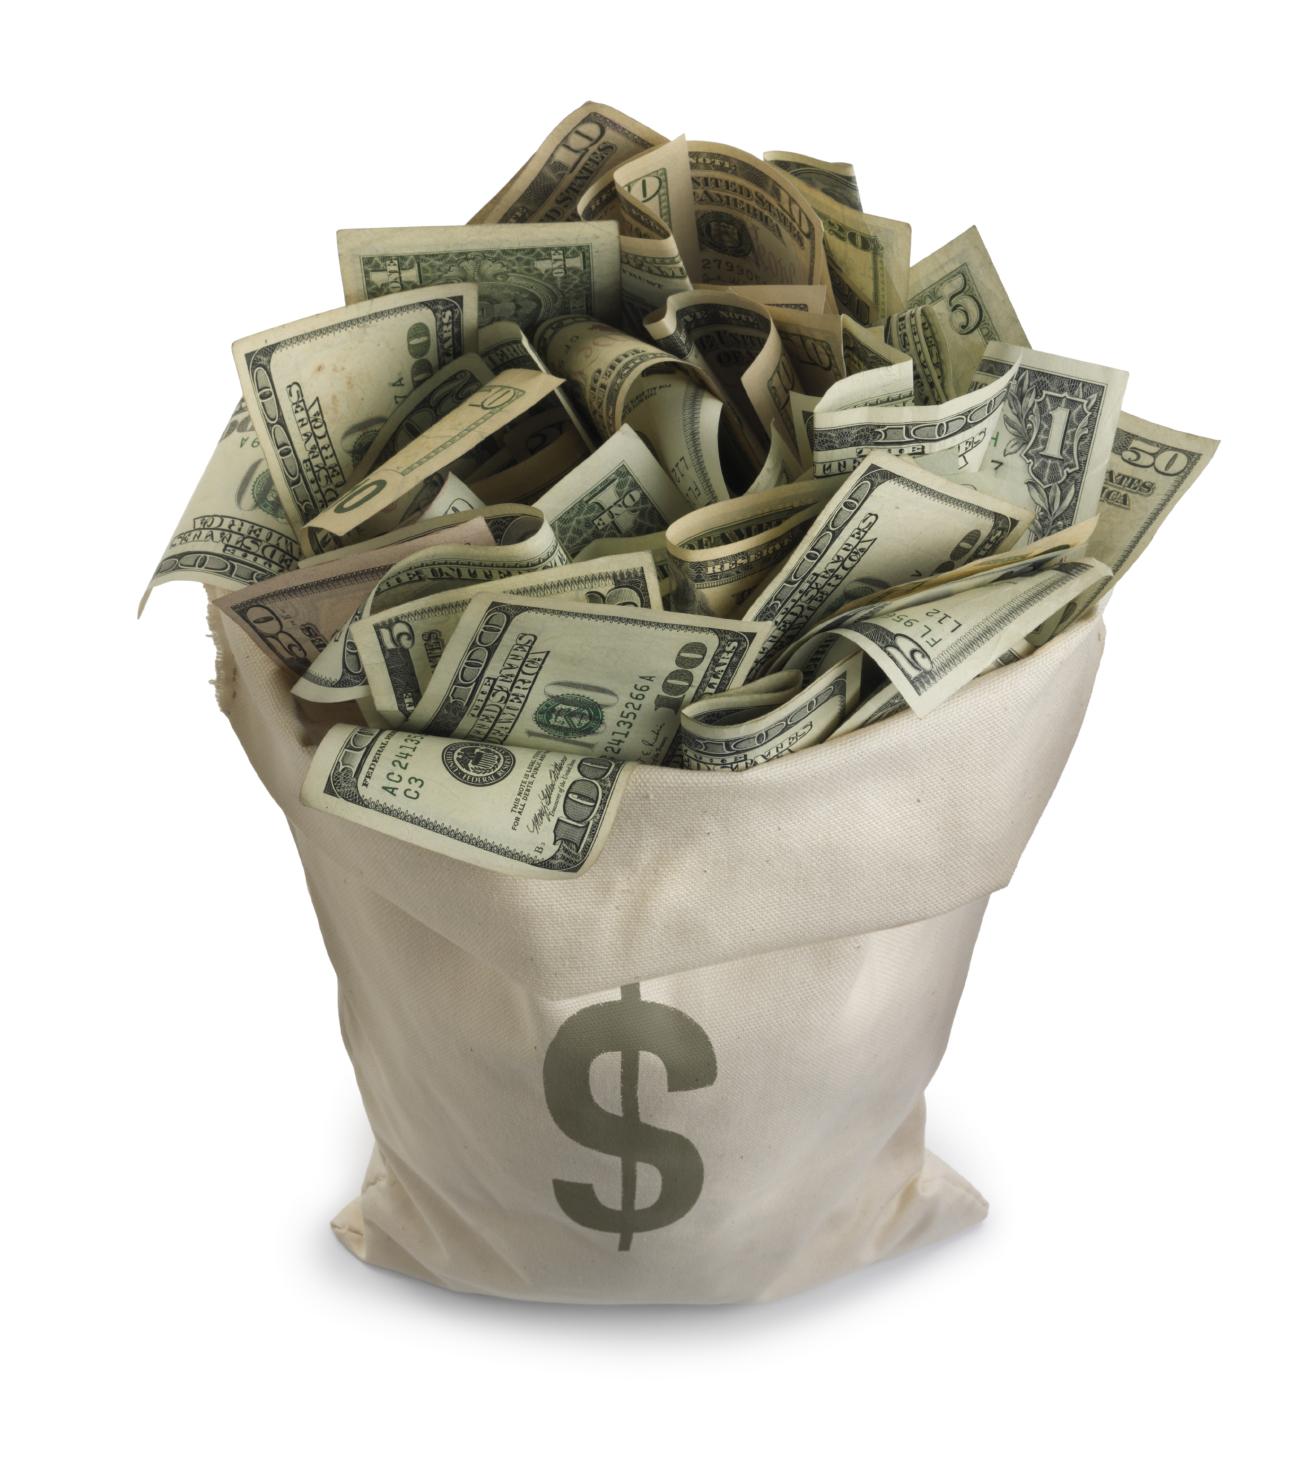 Payday loans alabaster al image 5